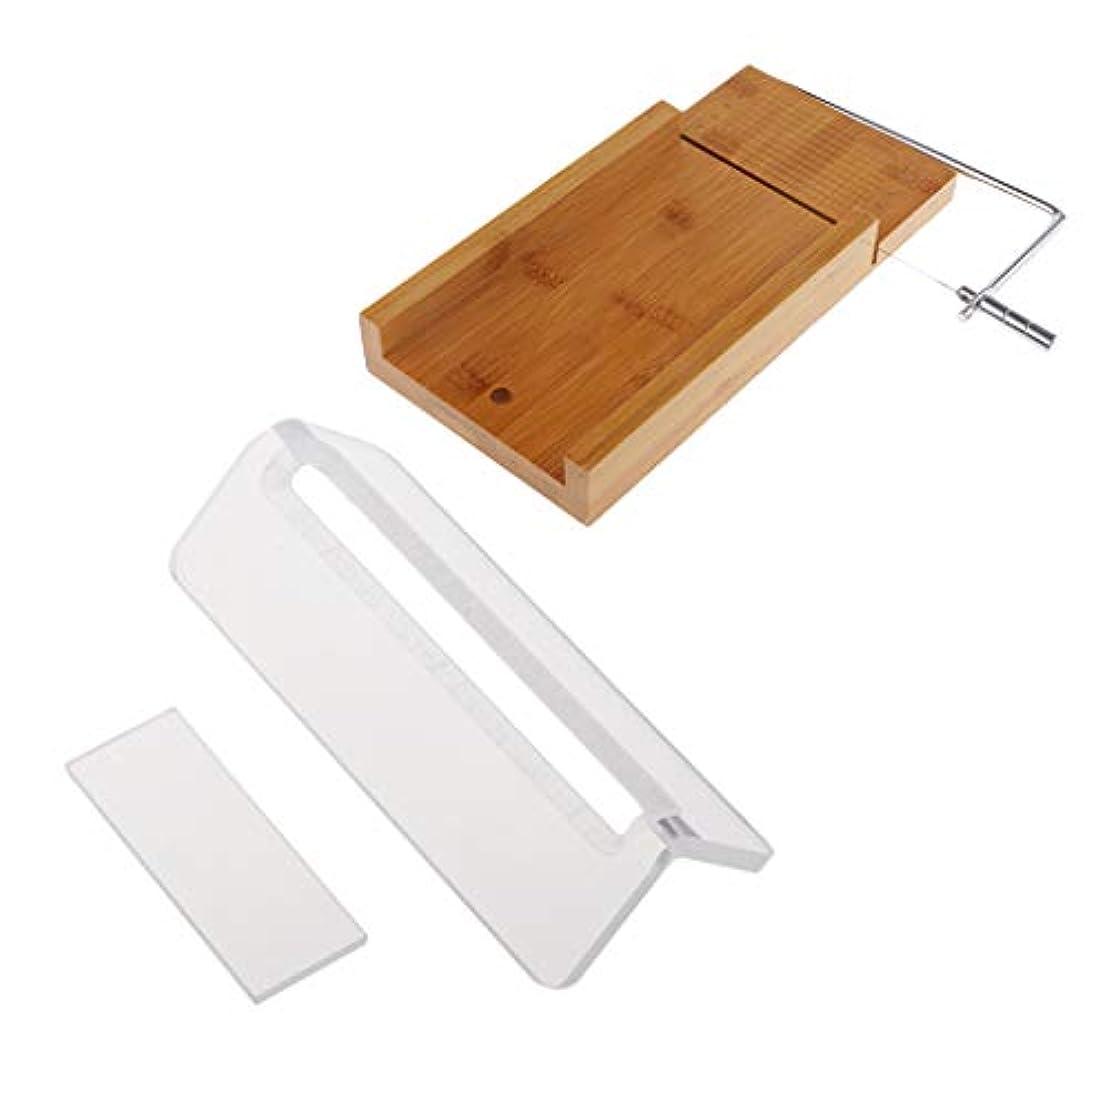 酸素抽出の間で石鹸カッター 木製 ローフカッター チーズカッター ソープカッター ステンレス鋼線 2個入り